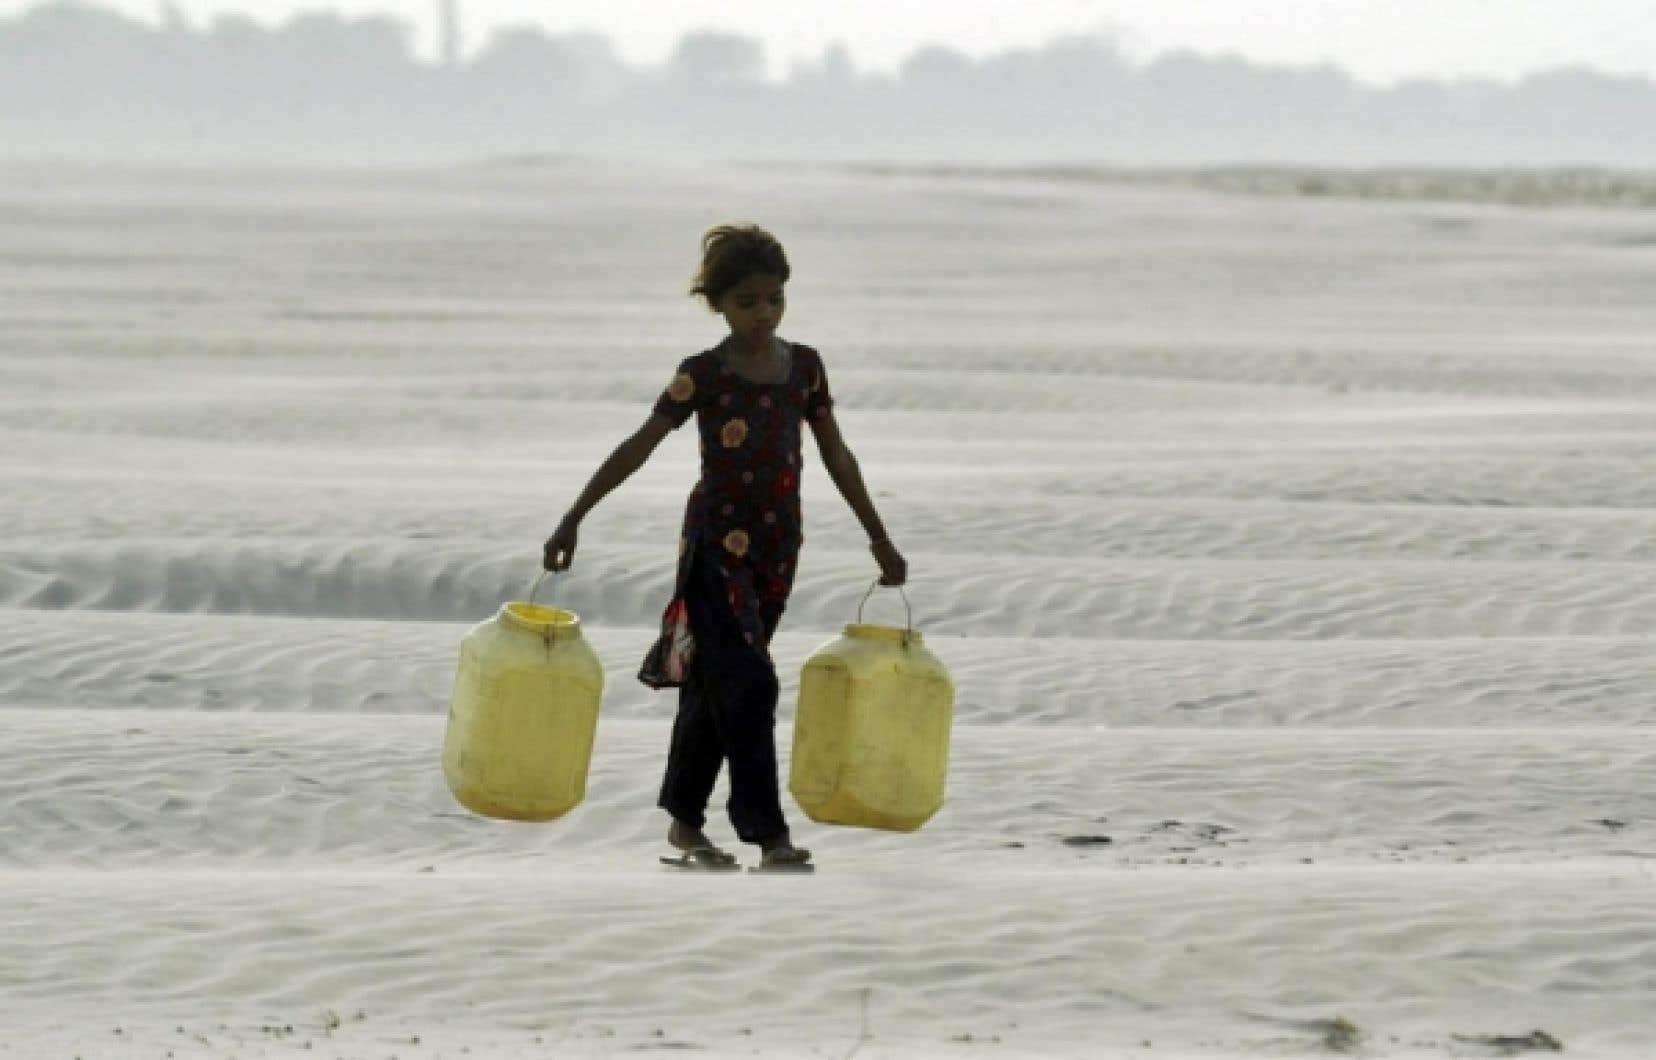 Le nombre d'individus vivant dans l'extrême pauvreté, comme cette fillette indienne, a augmenté de 3 millions par an entre 2002 et 2007.<br />